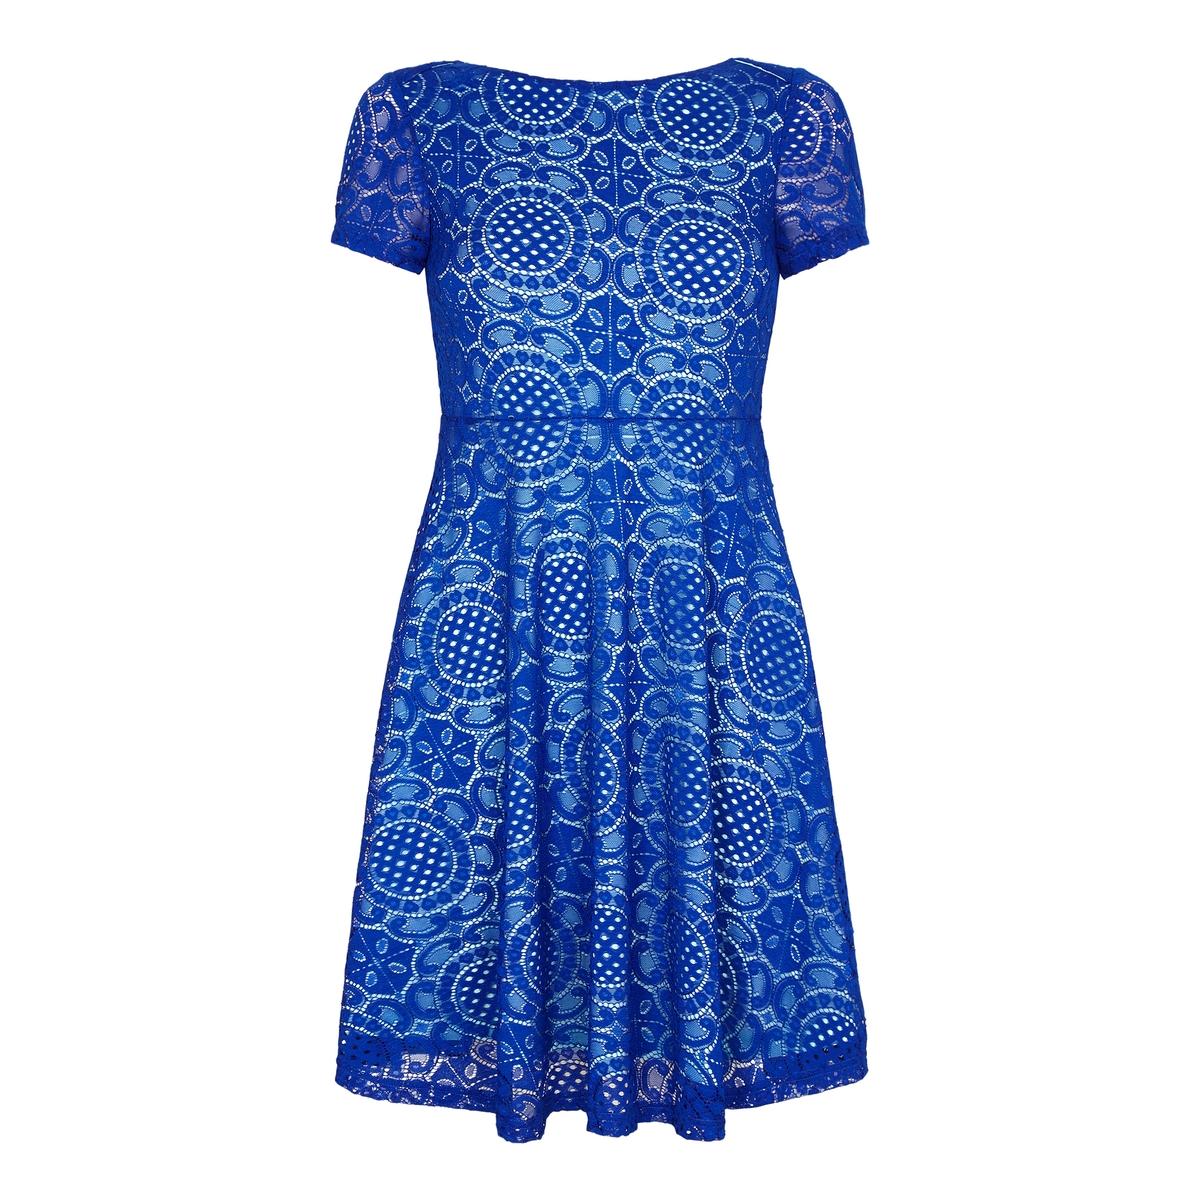 Платье с короткими рукавами из кружеваОписание:Детали  •  Форма : расклешенная   •  Укороченная модель •  Короткие рукава    •  Без воротникаСостав и уход  •  5% эластана, 95% полиэстера •  Следуйте рекомендациям по уходу, указанным на этикетке изделия<br><br>Цвет: кобальтовый синий<br>Размер: 42 (FR) - 48 (RUS)